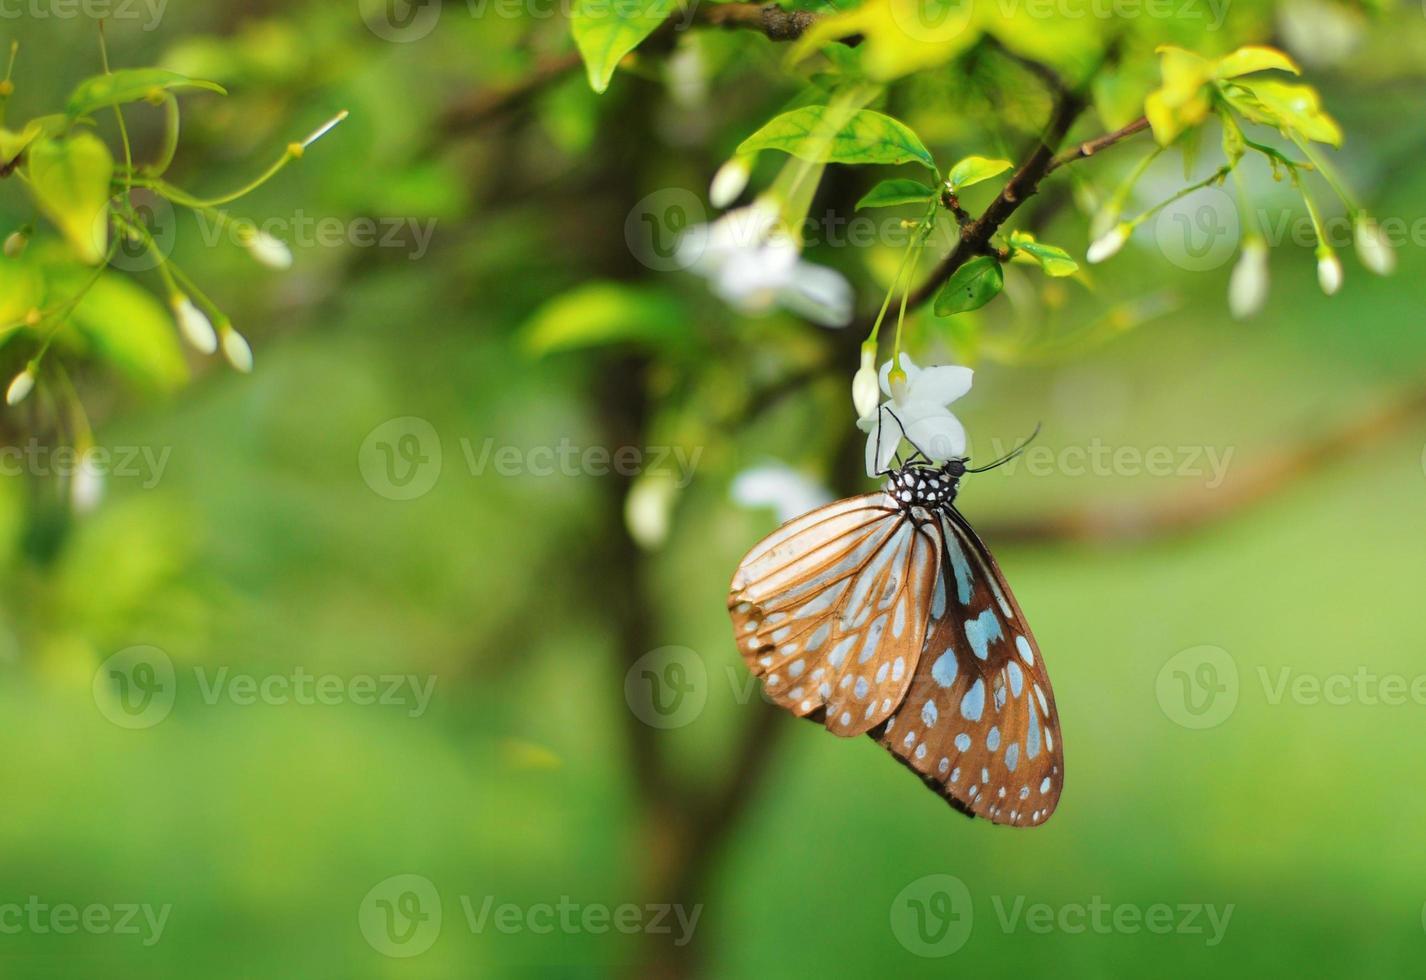 kleurrijke vlinder die op een bloem rust foto